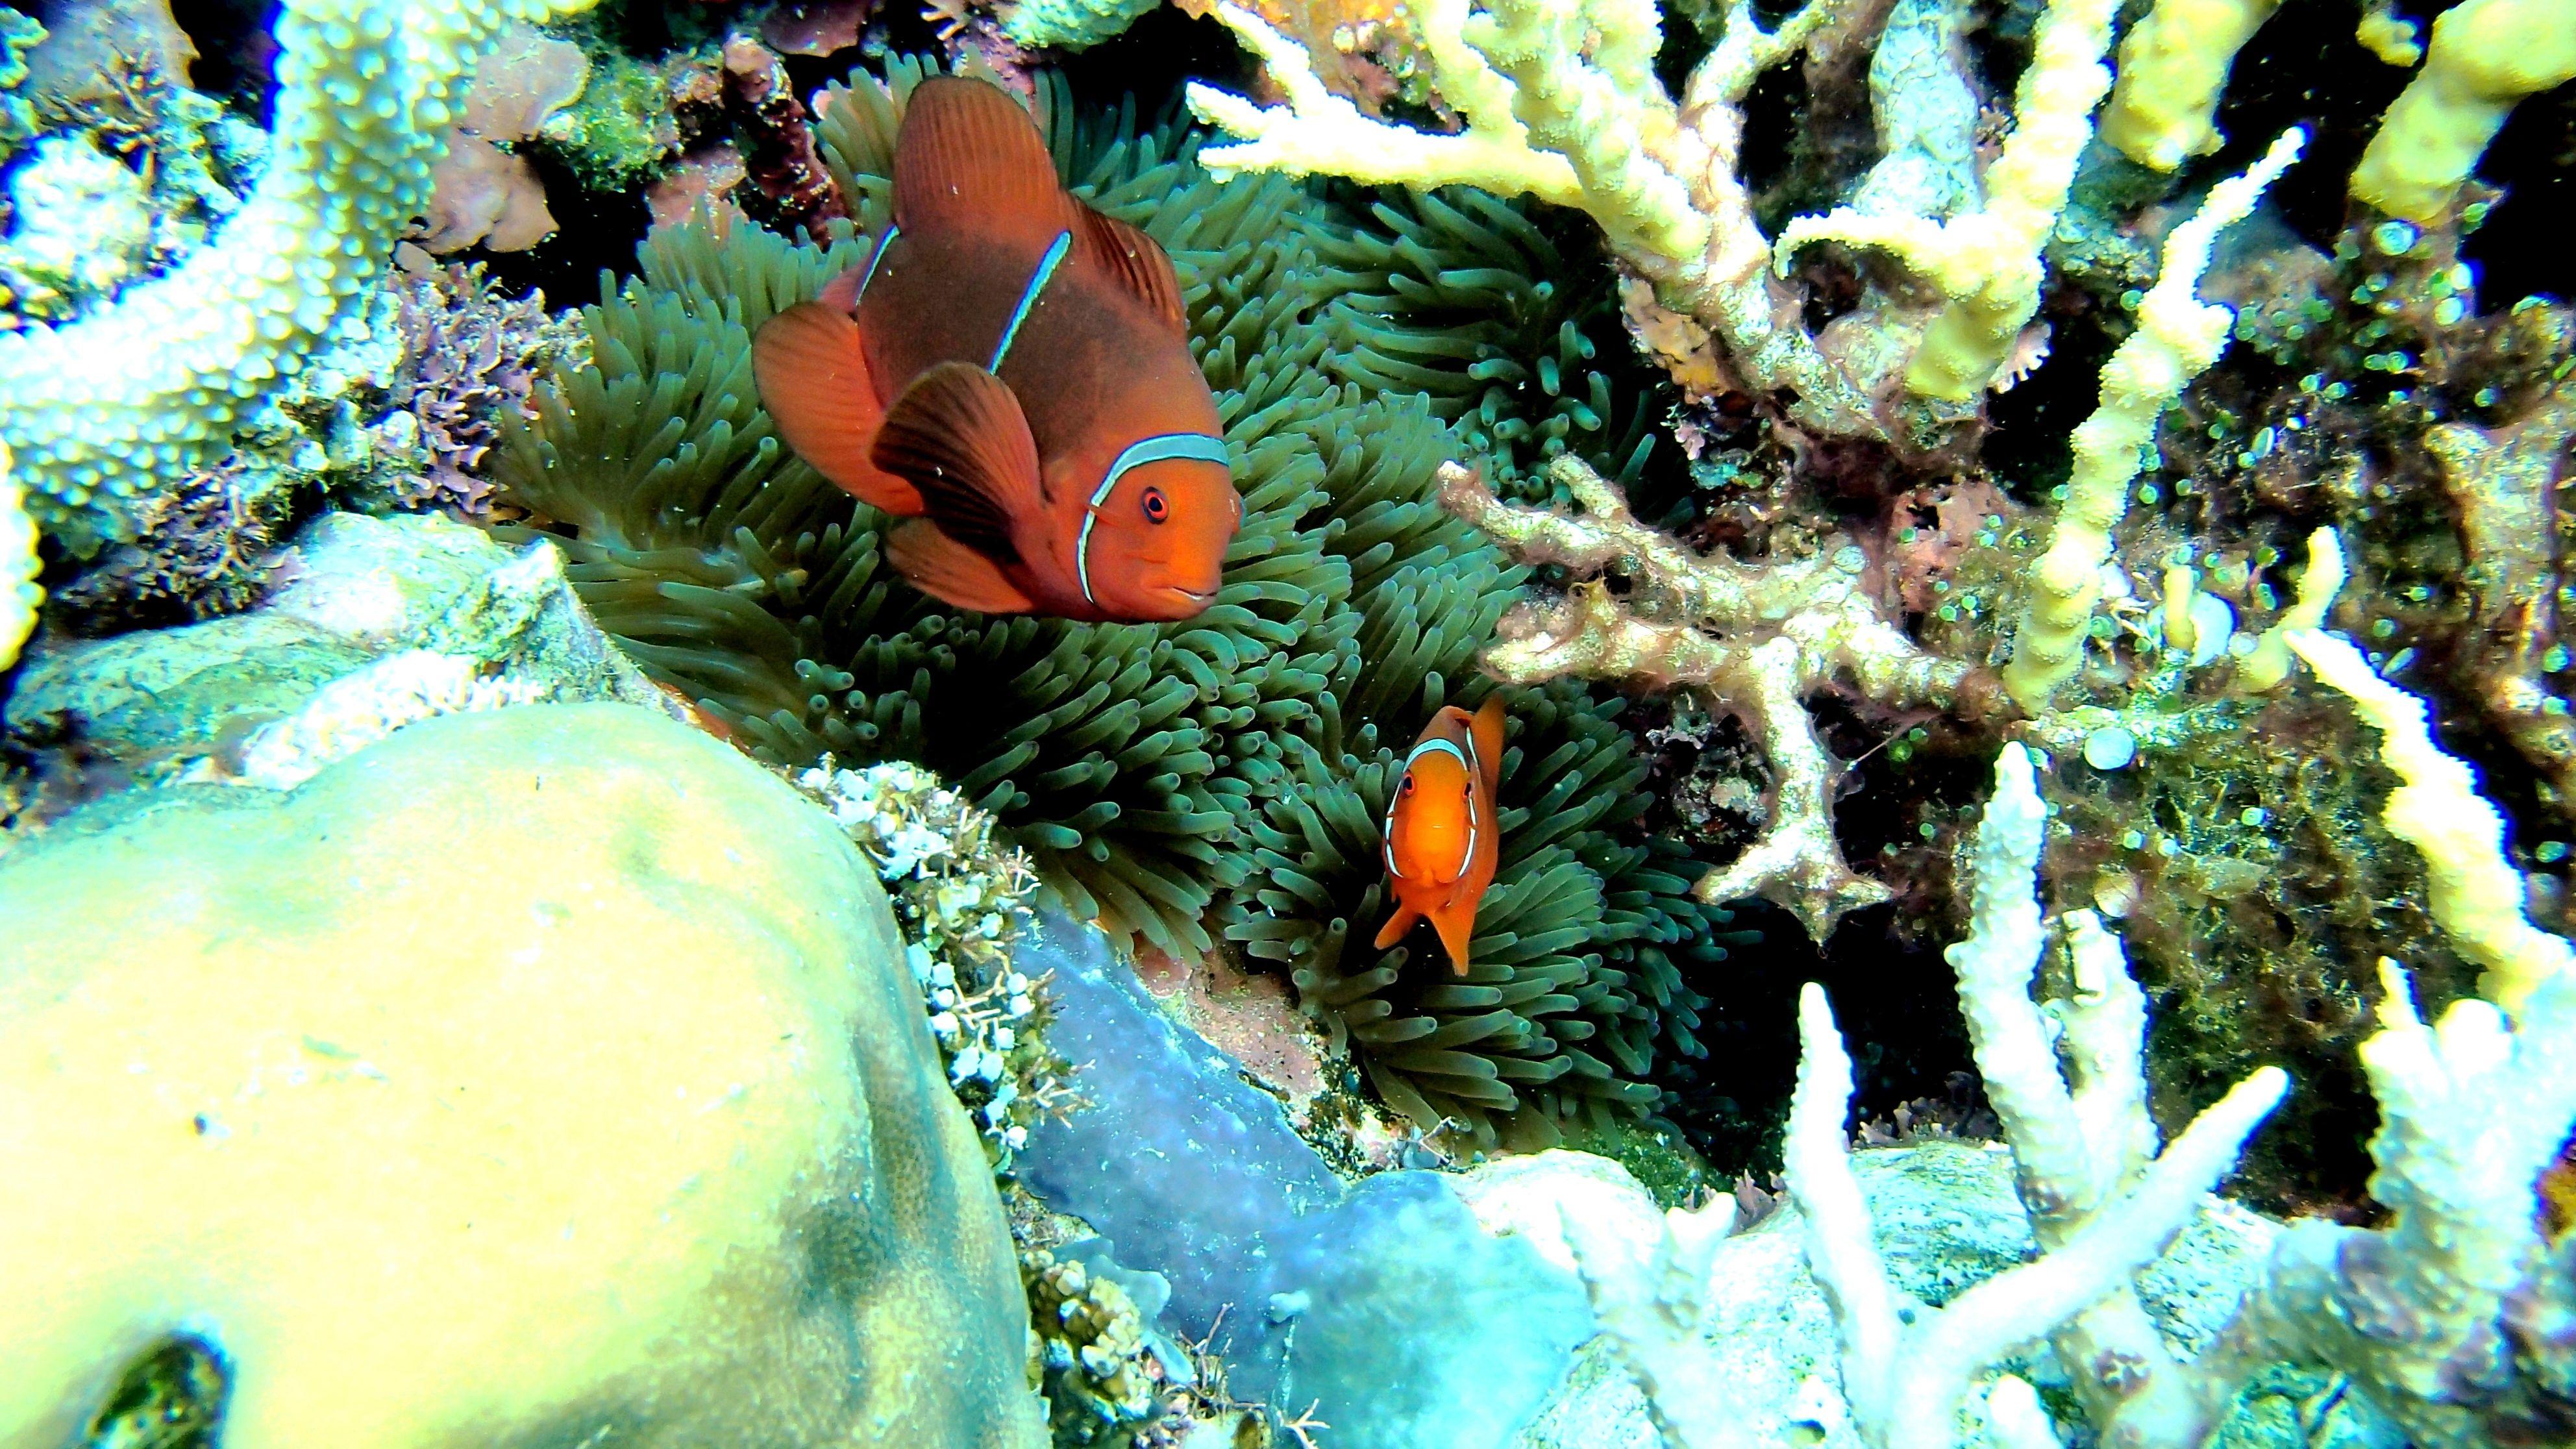 Tinalapu Island, Central Sulawesi Indonesia | Indonesia